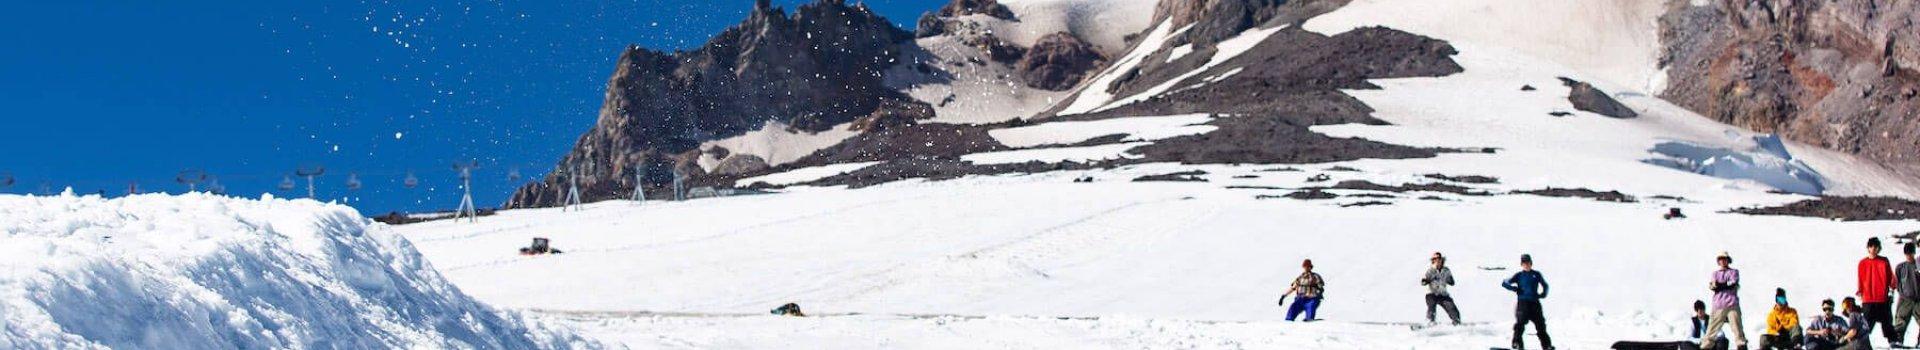 Bez czego nie może obejść się kompletny zestaw snowboardowy?